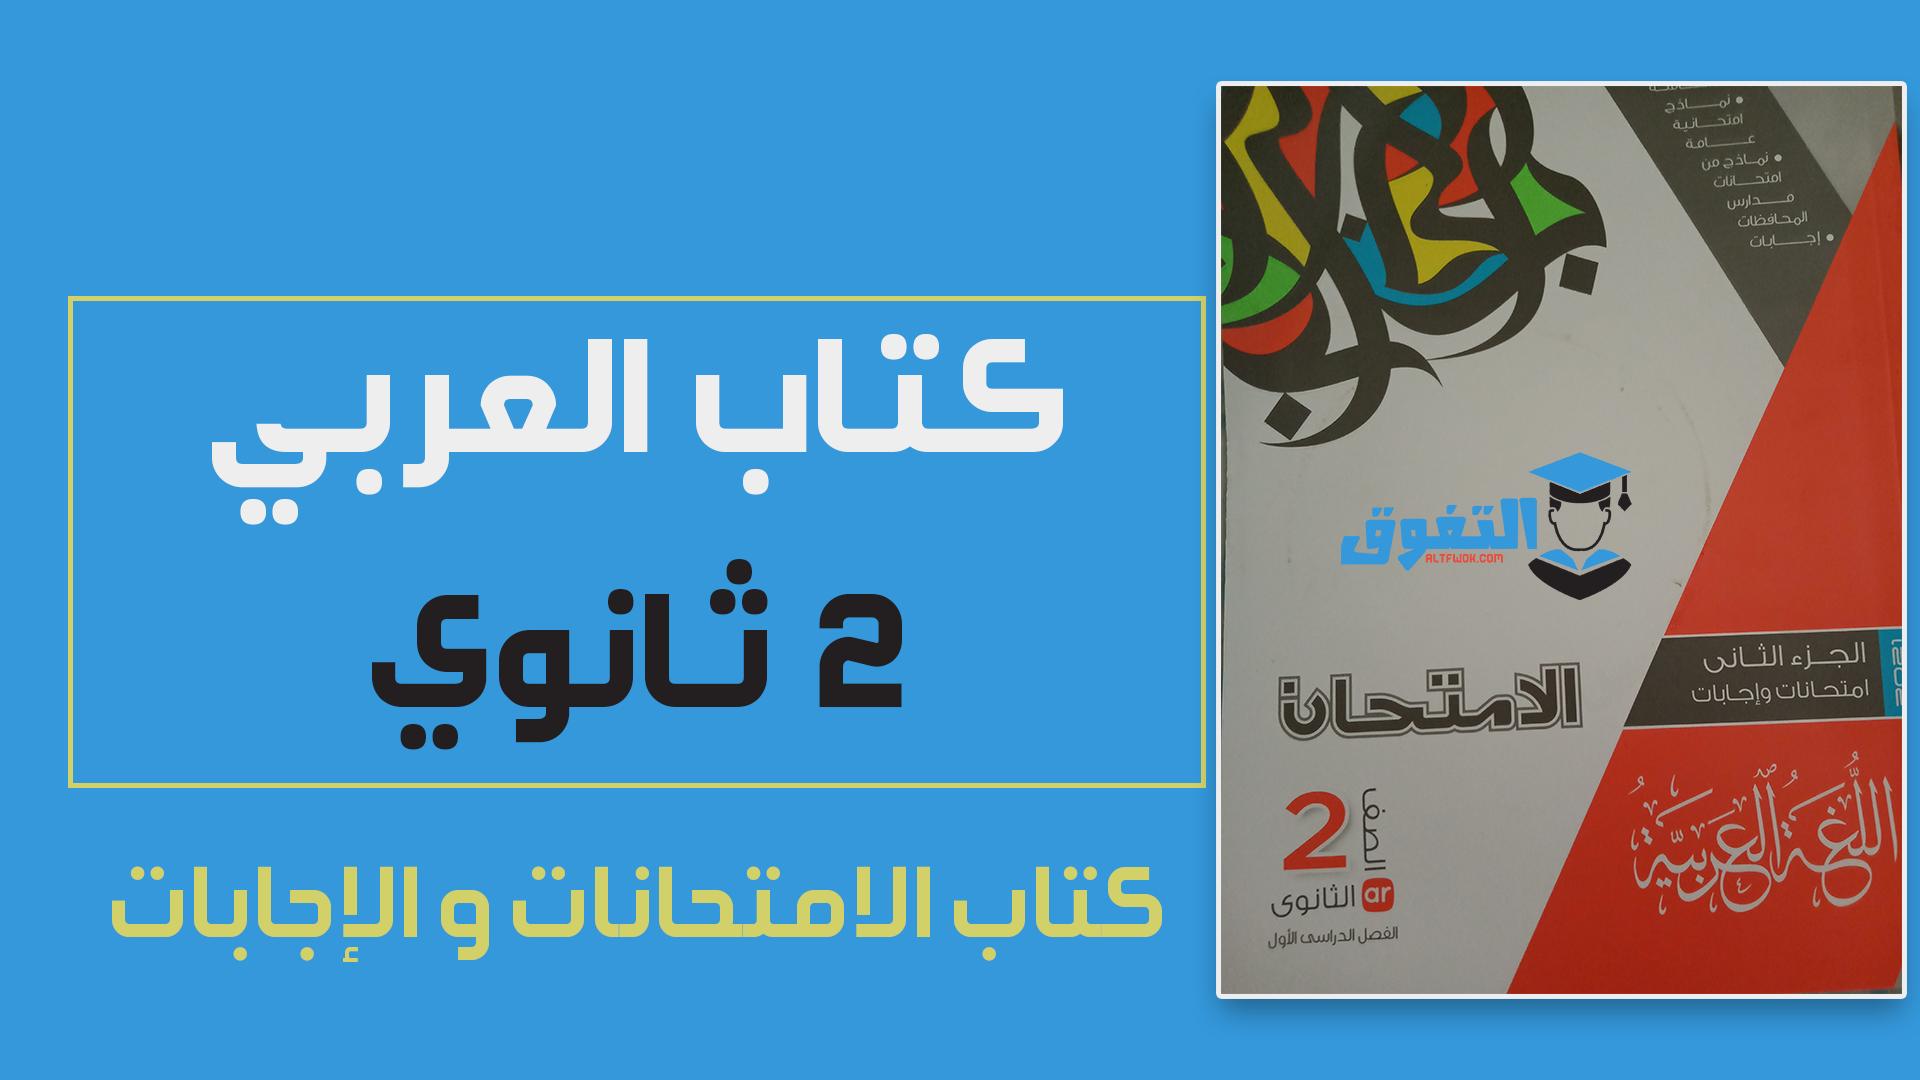 تحميل كتاب الإمتحان فى اللغة العربية pdf (كتاب الإمتحانات والأسئلة ) للصف الثاني الثانوي الترم الأول 2021 (النسخة الجديدة)